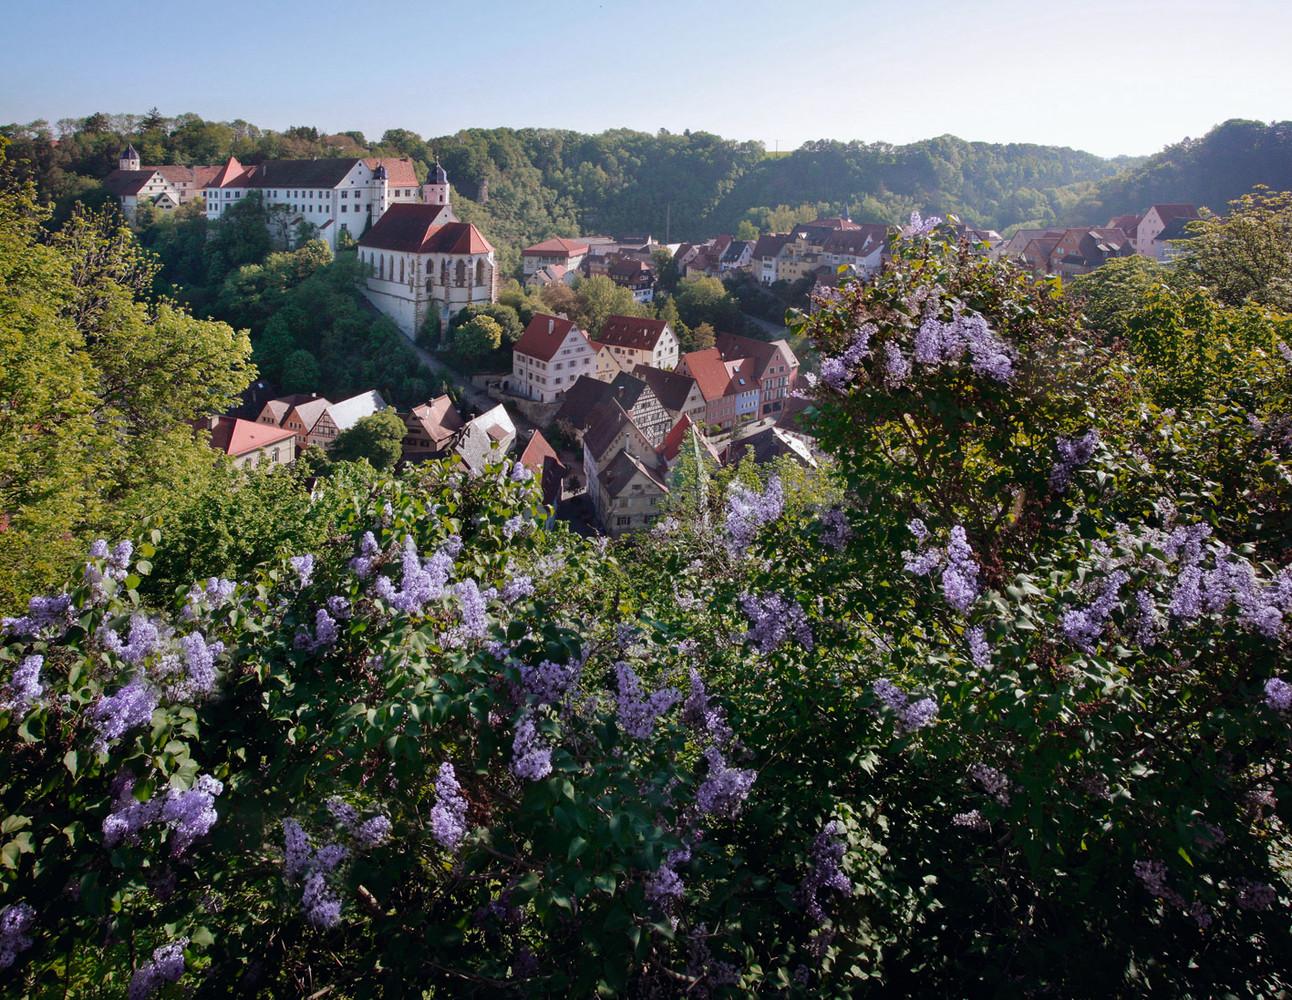 Blick auf Schloss Haigerloch mit Flieder im Vordergrund